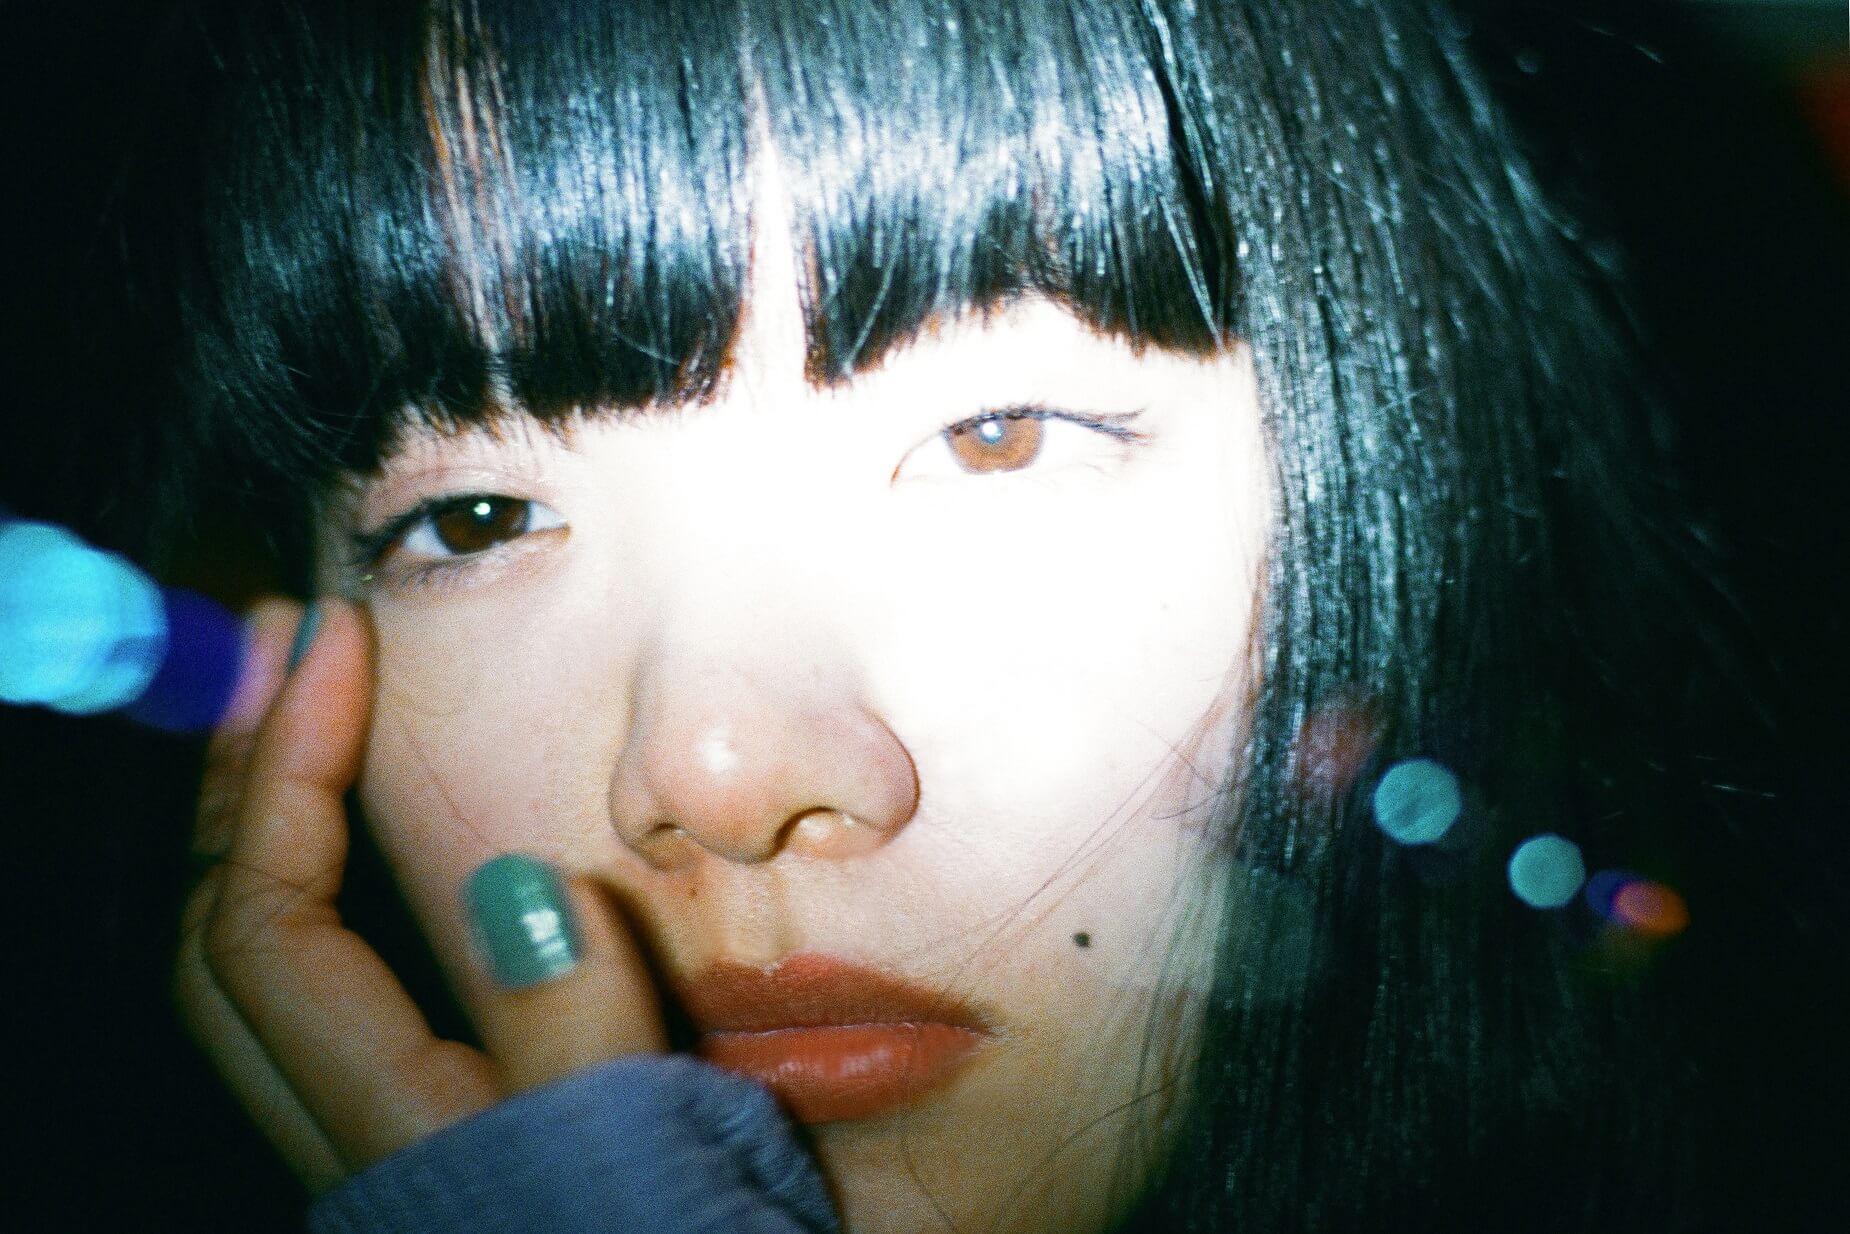 《非獸性男女》主題曲 愛繆(Aimyon)「今夜このまま」MV公開 愛繆、